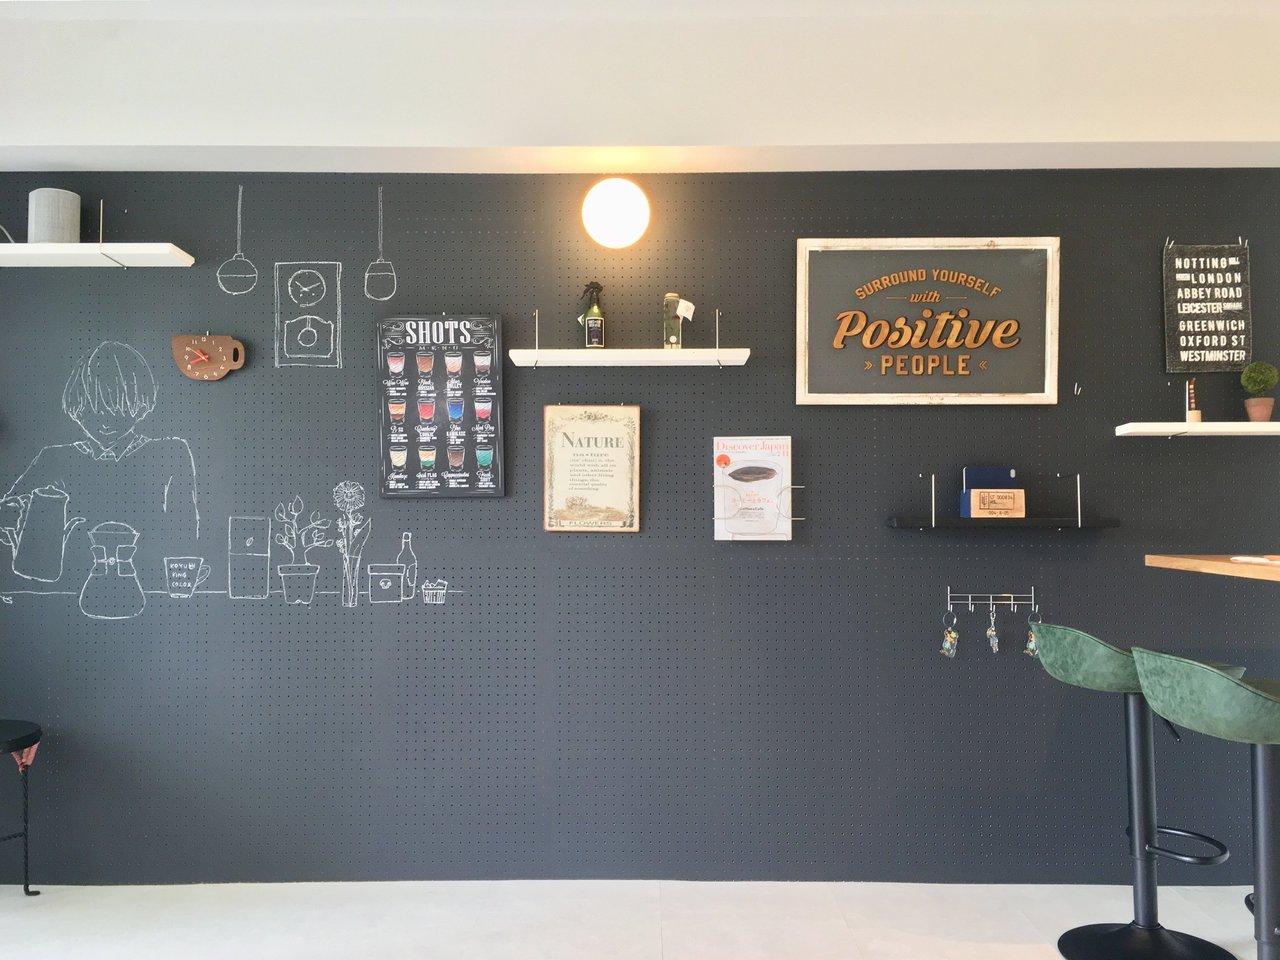 黒板ペイント&有孔ボードの組み合わせのお部屋。カフェみたいな雰囲気ですね。(このお部屋はこちら)